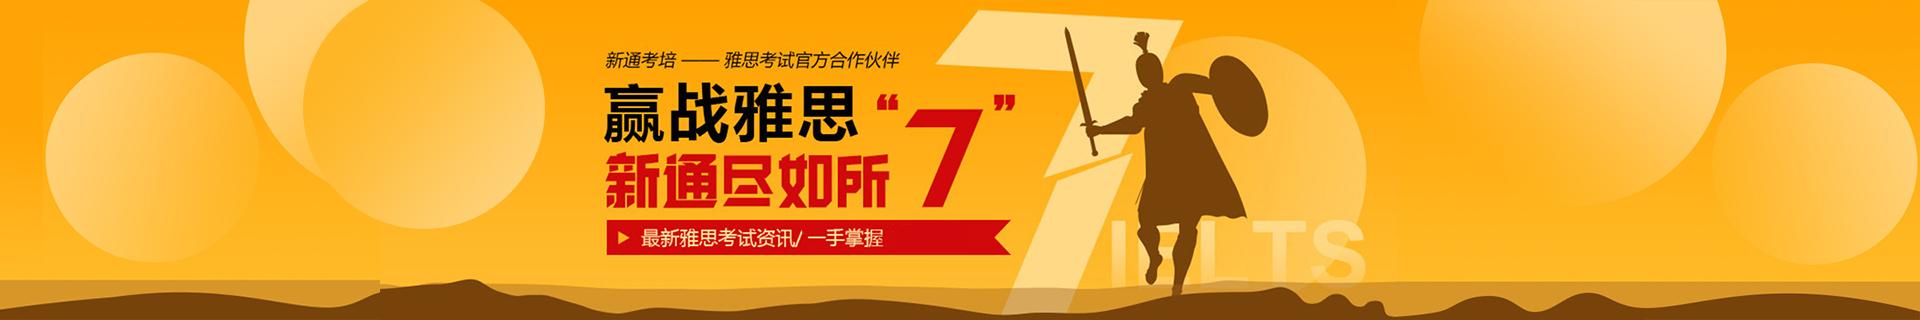 北京新通教育培训机构